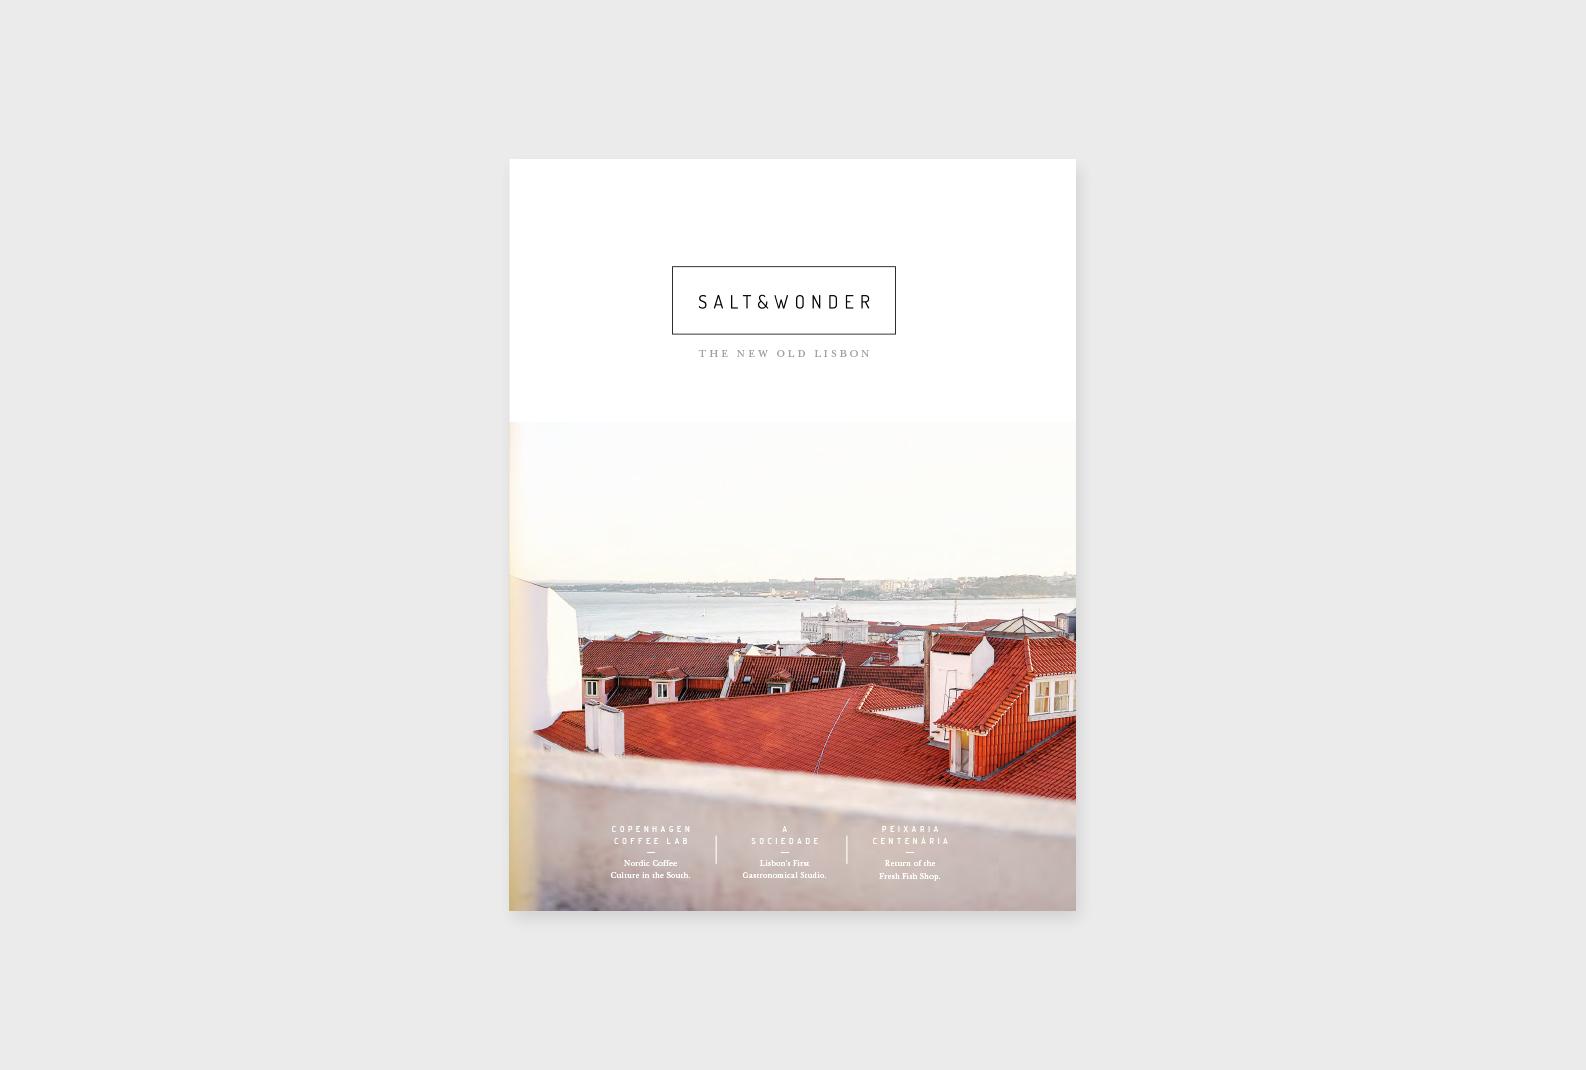 Salt & Water Book